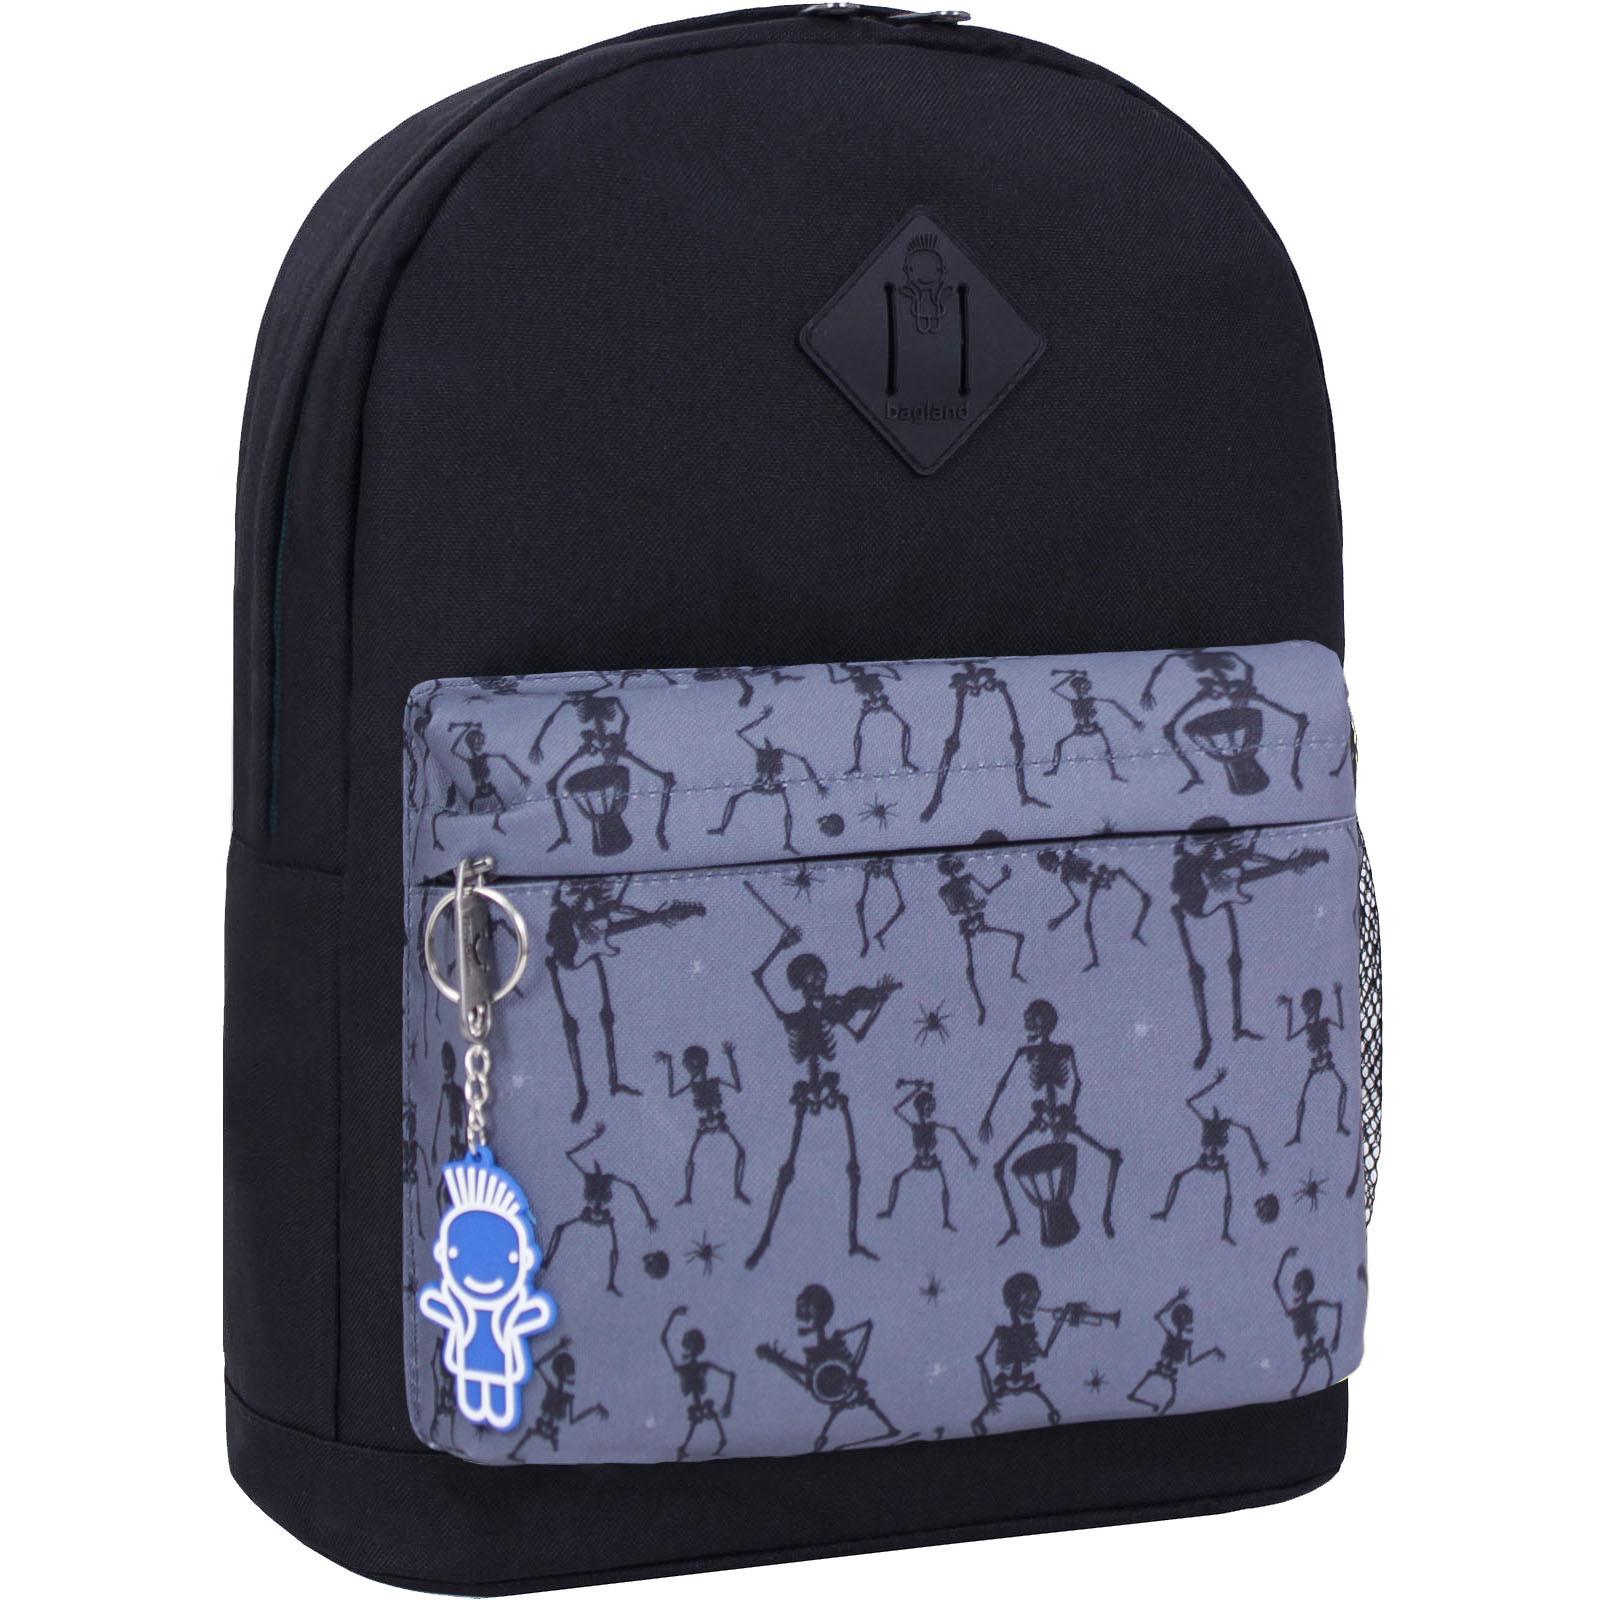 Городские рюкзаки Рюкзак Bagland Молодежный W/R 17 л. черный 450 (00533662) IMG_2596_450_-1600.jpg